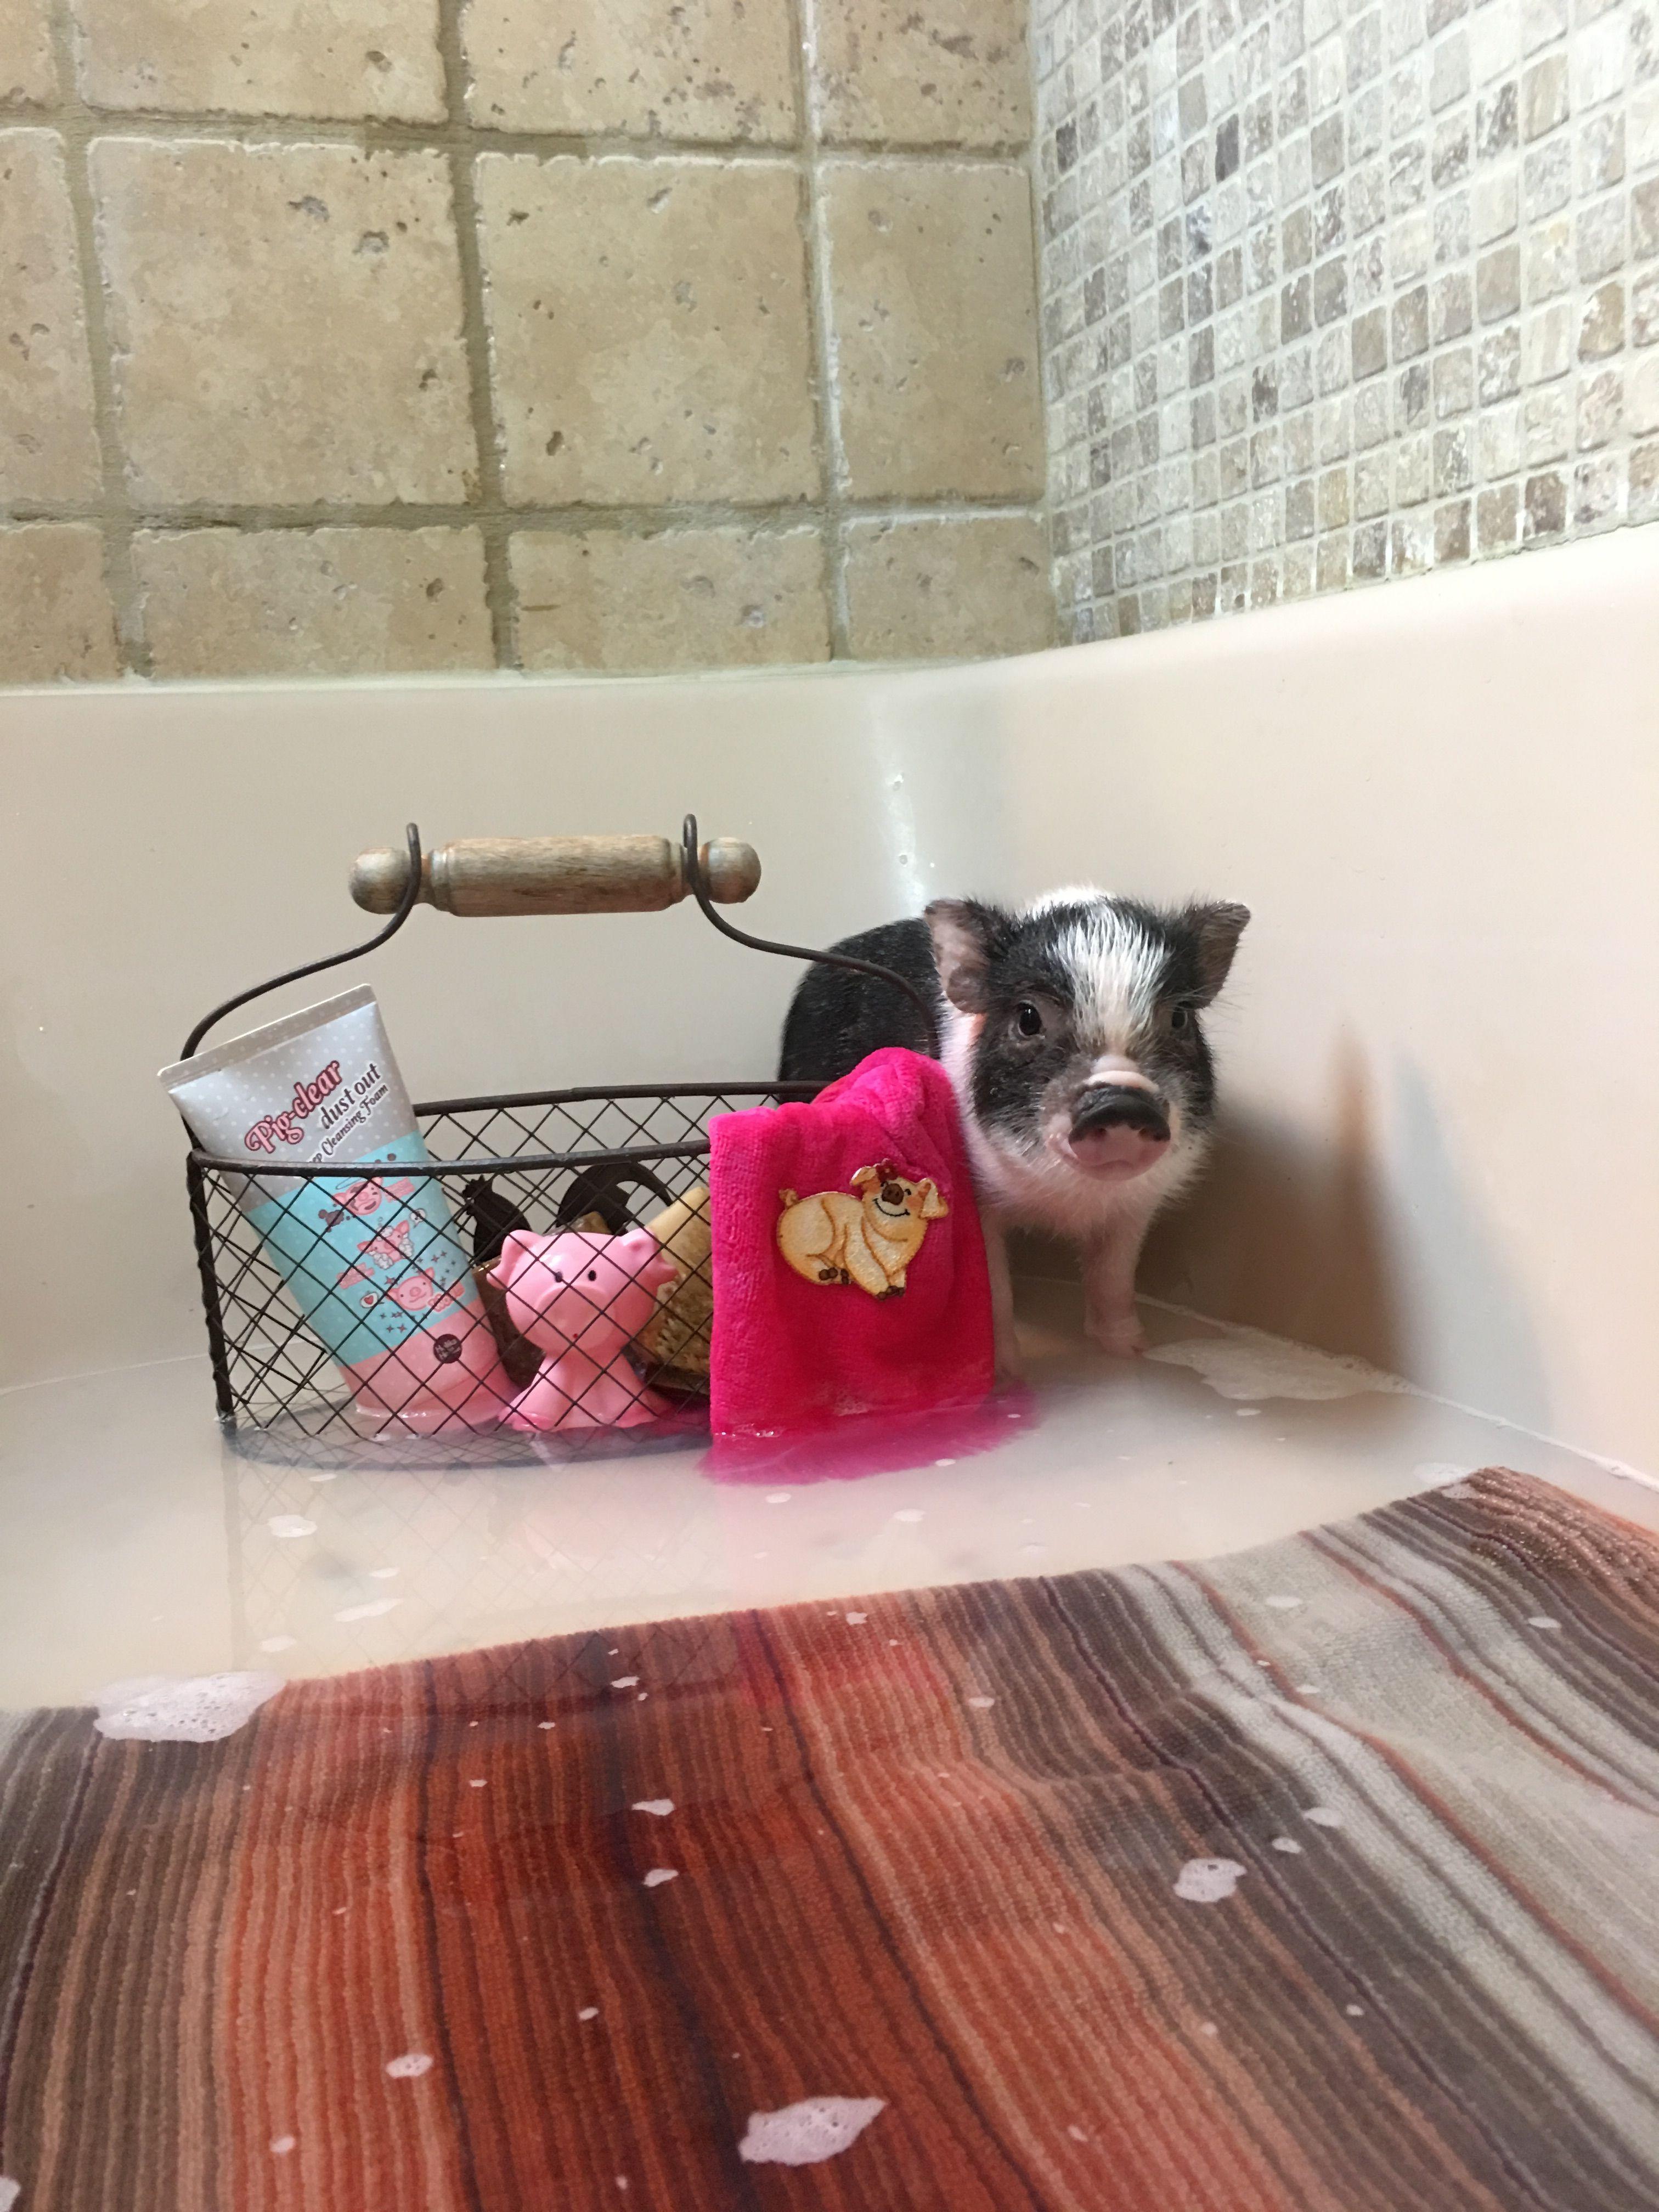 Www Oinkoinkminipigs Com Mini Pigs Cute Piglets Miniature Pigs